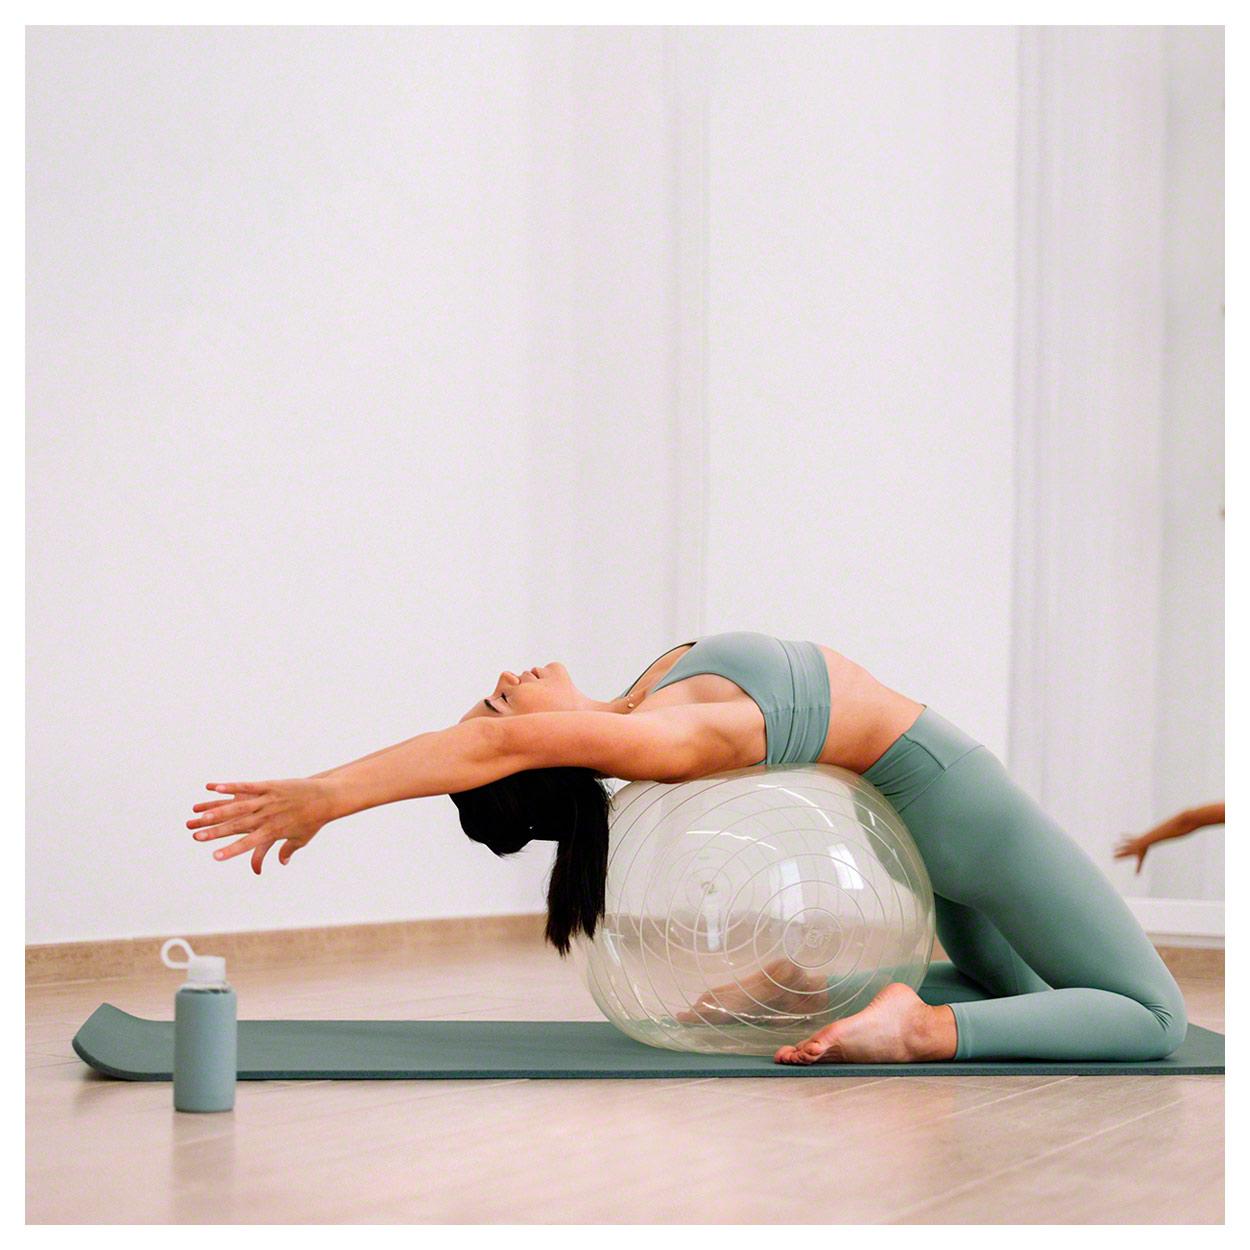 Original Opti-Ball pelota de gimnasia pelota de asiento transparente oficina pelota Ø 65 cm nuevo!